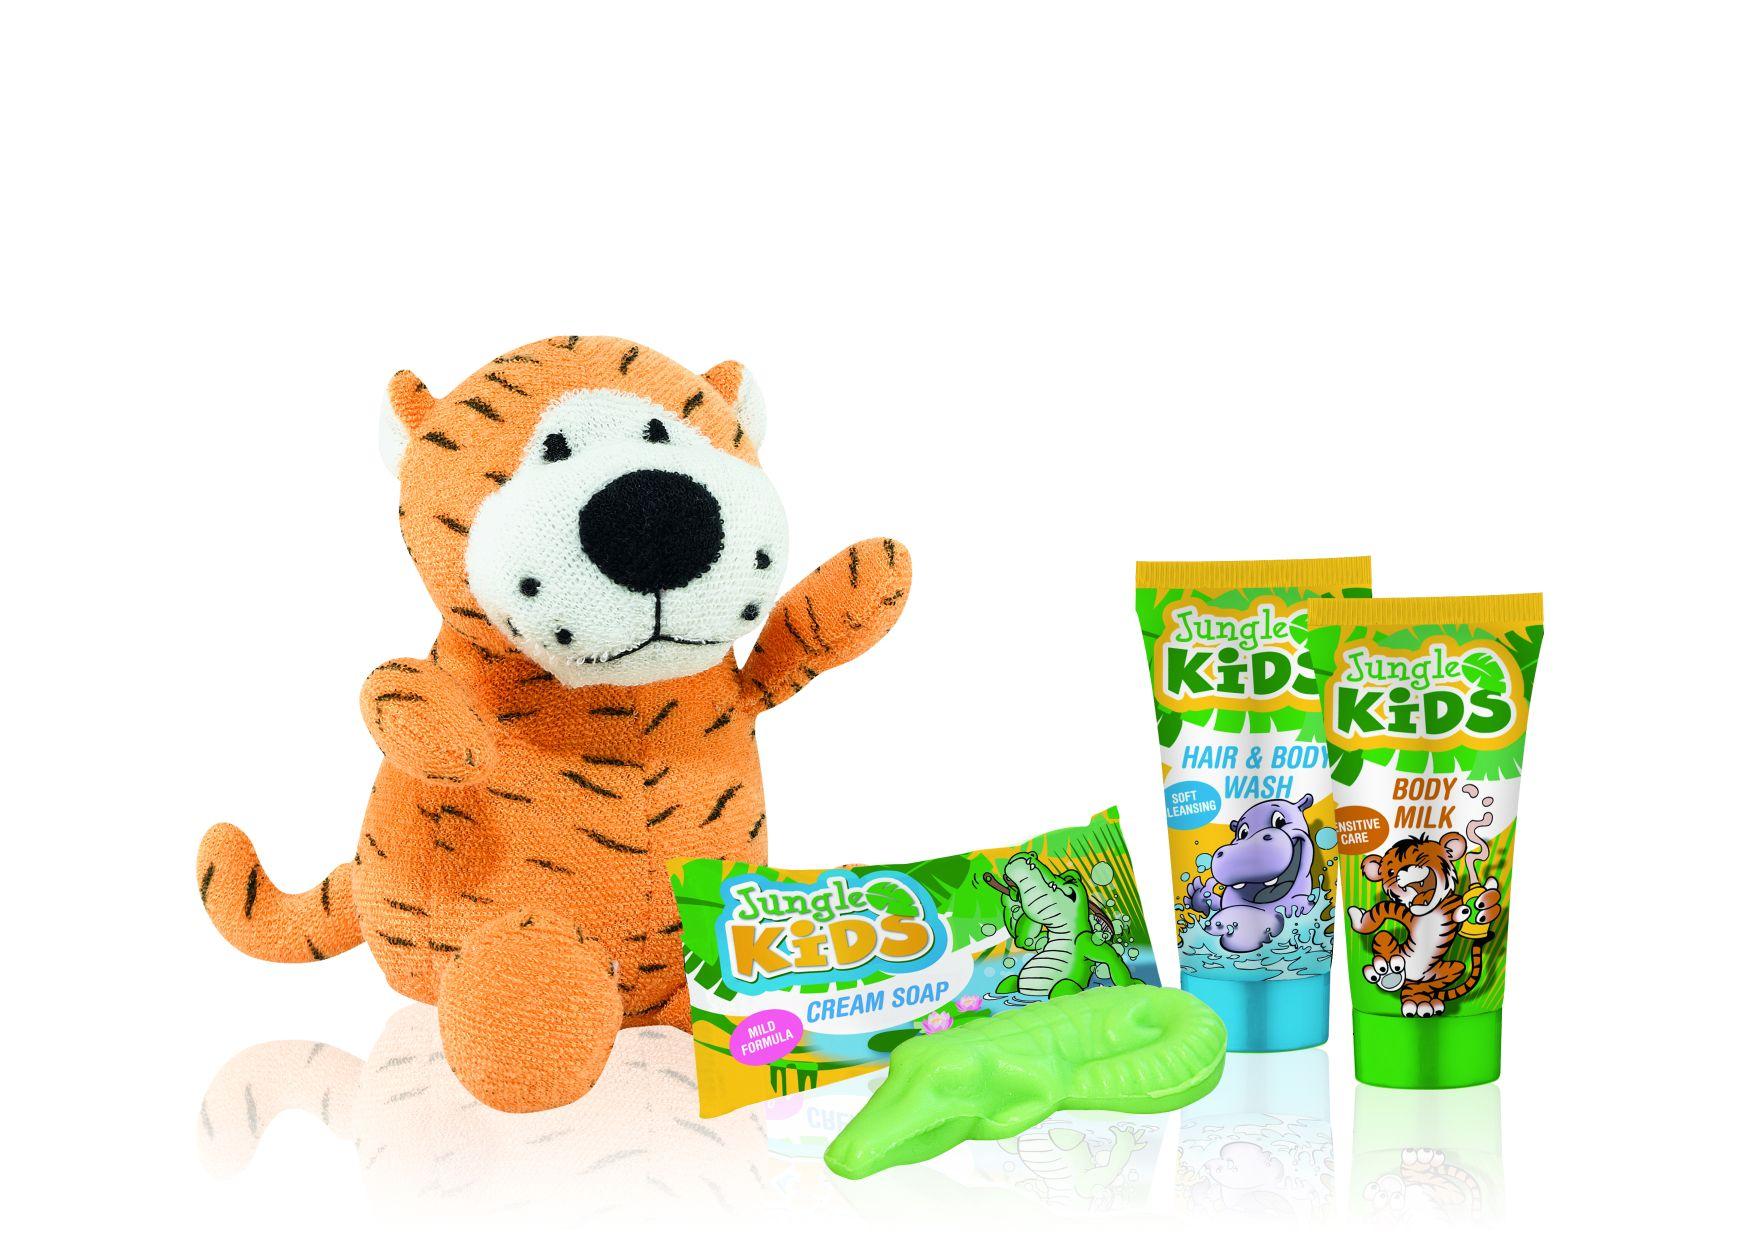 Neu von ADA Cosmetics International: Jungle Kids – Pflege-Spaß für kleine Gäst